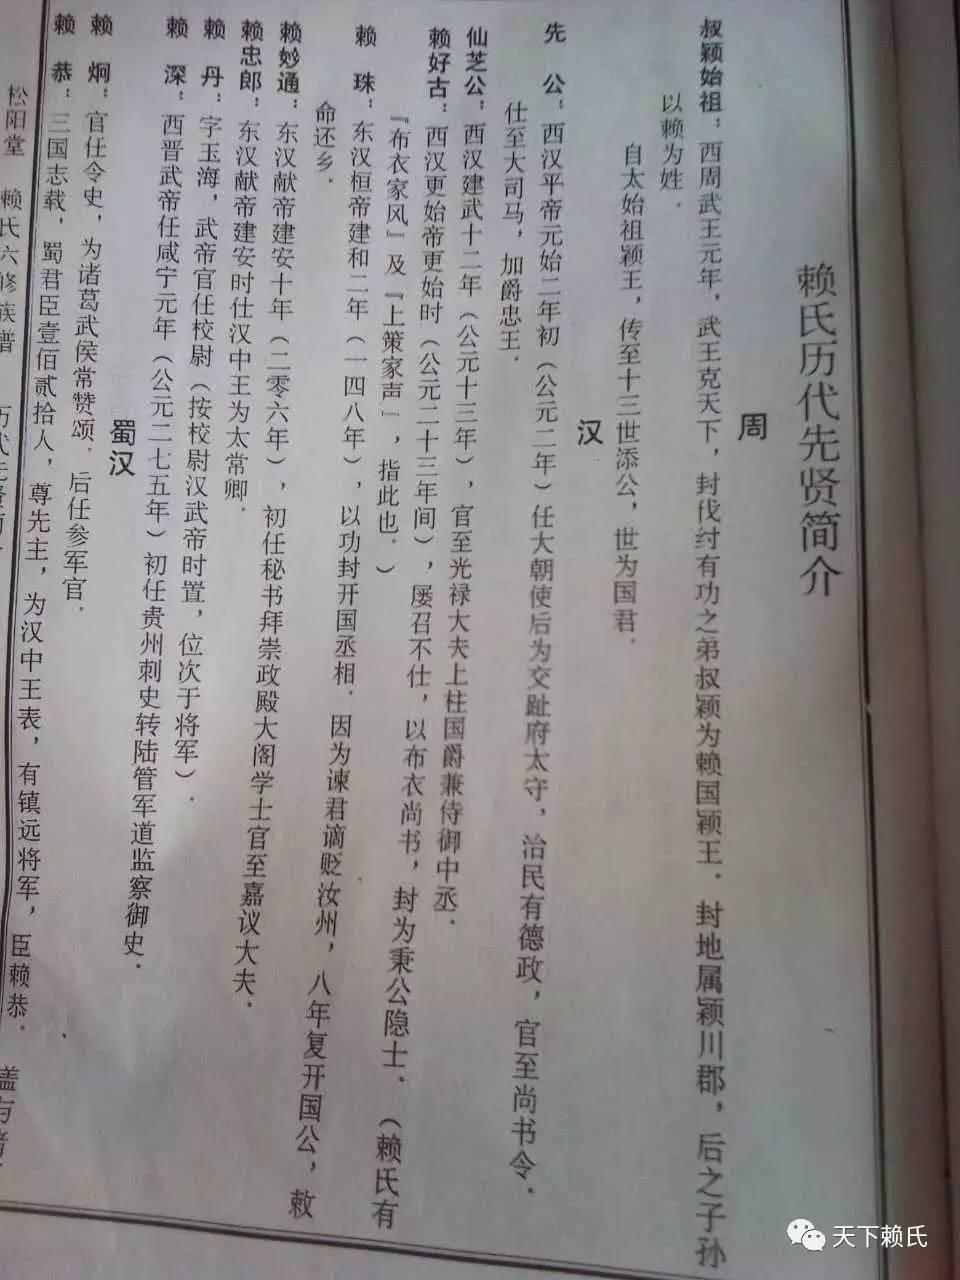 赖氏族谱资料图片